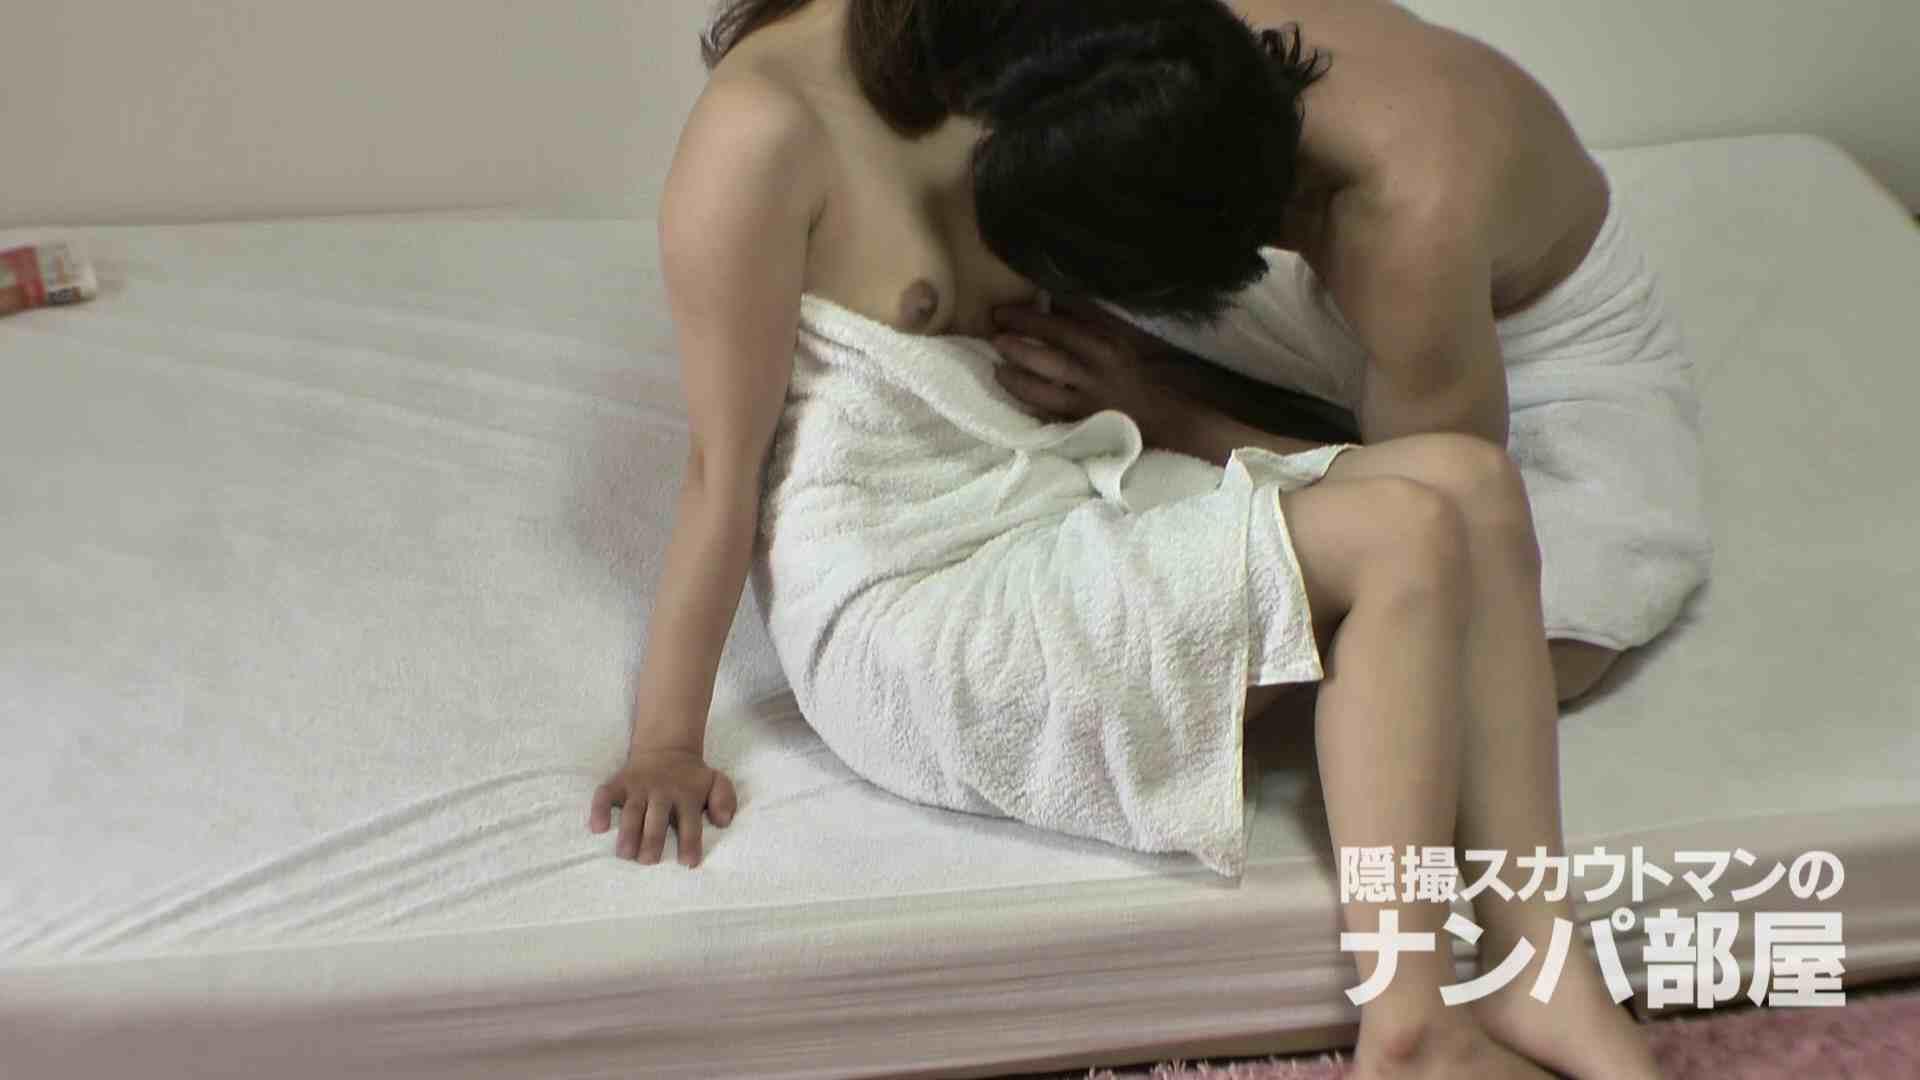 隠撮スカウトマンのナンパ部屋~風俗デビュー前のつまみ食い~ sii 脱衣所 | 隠撮  68画像 44